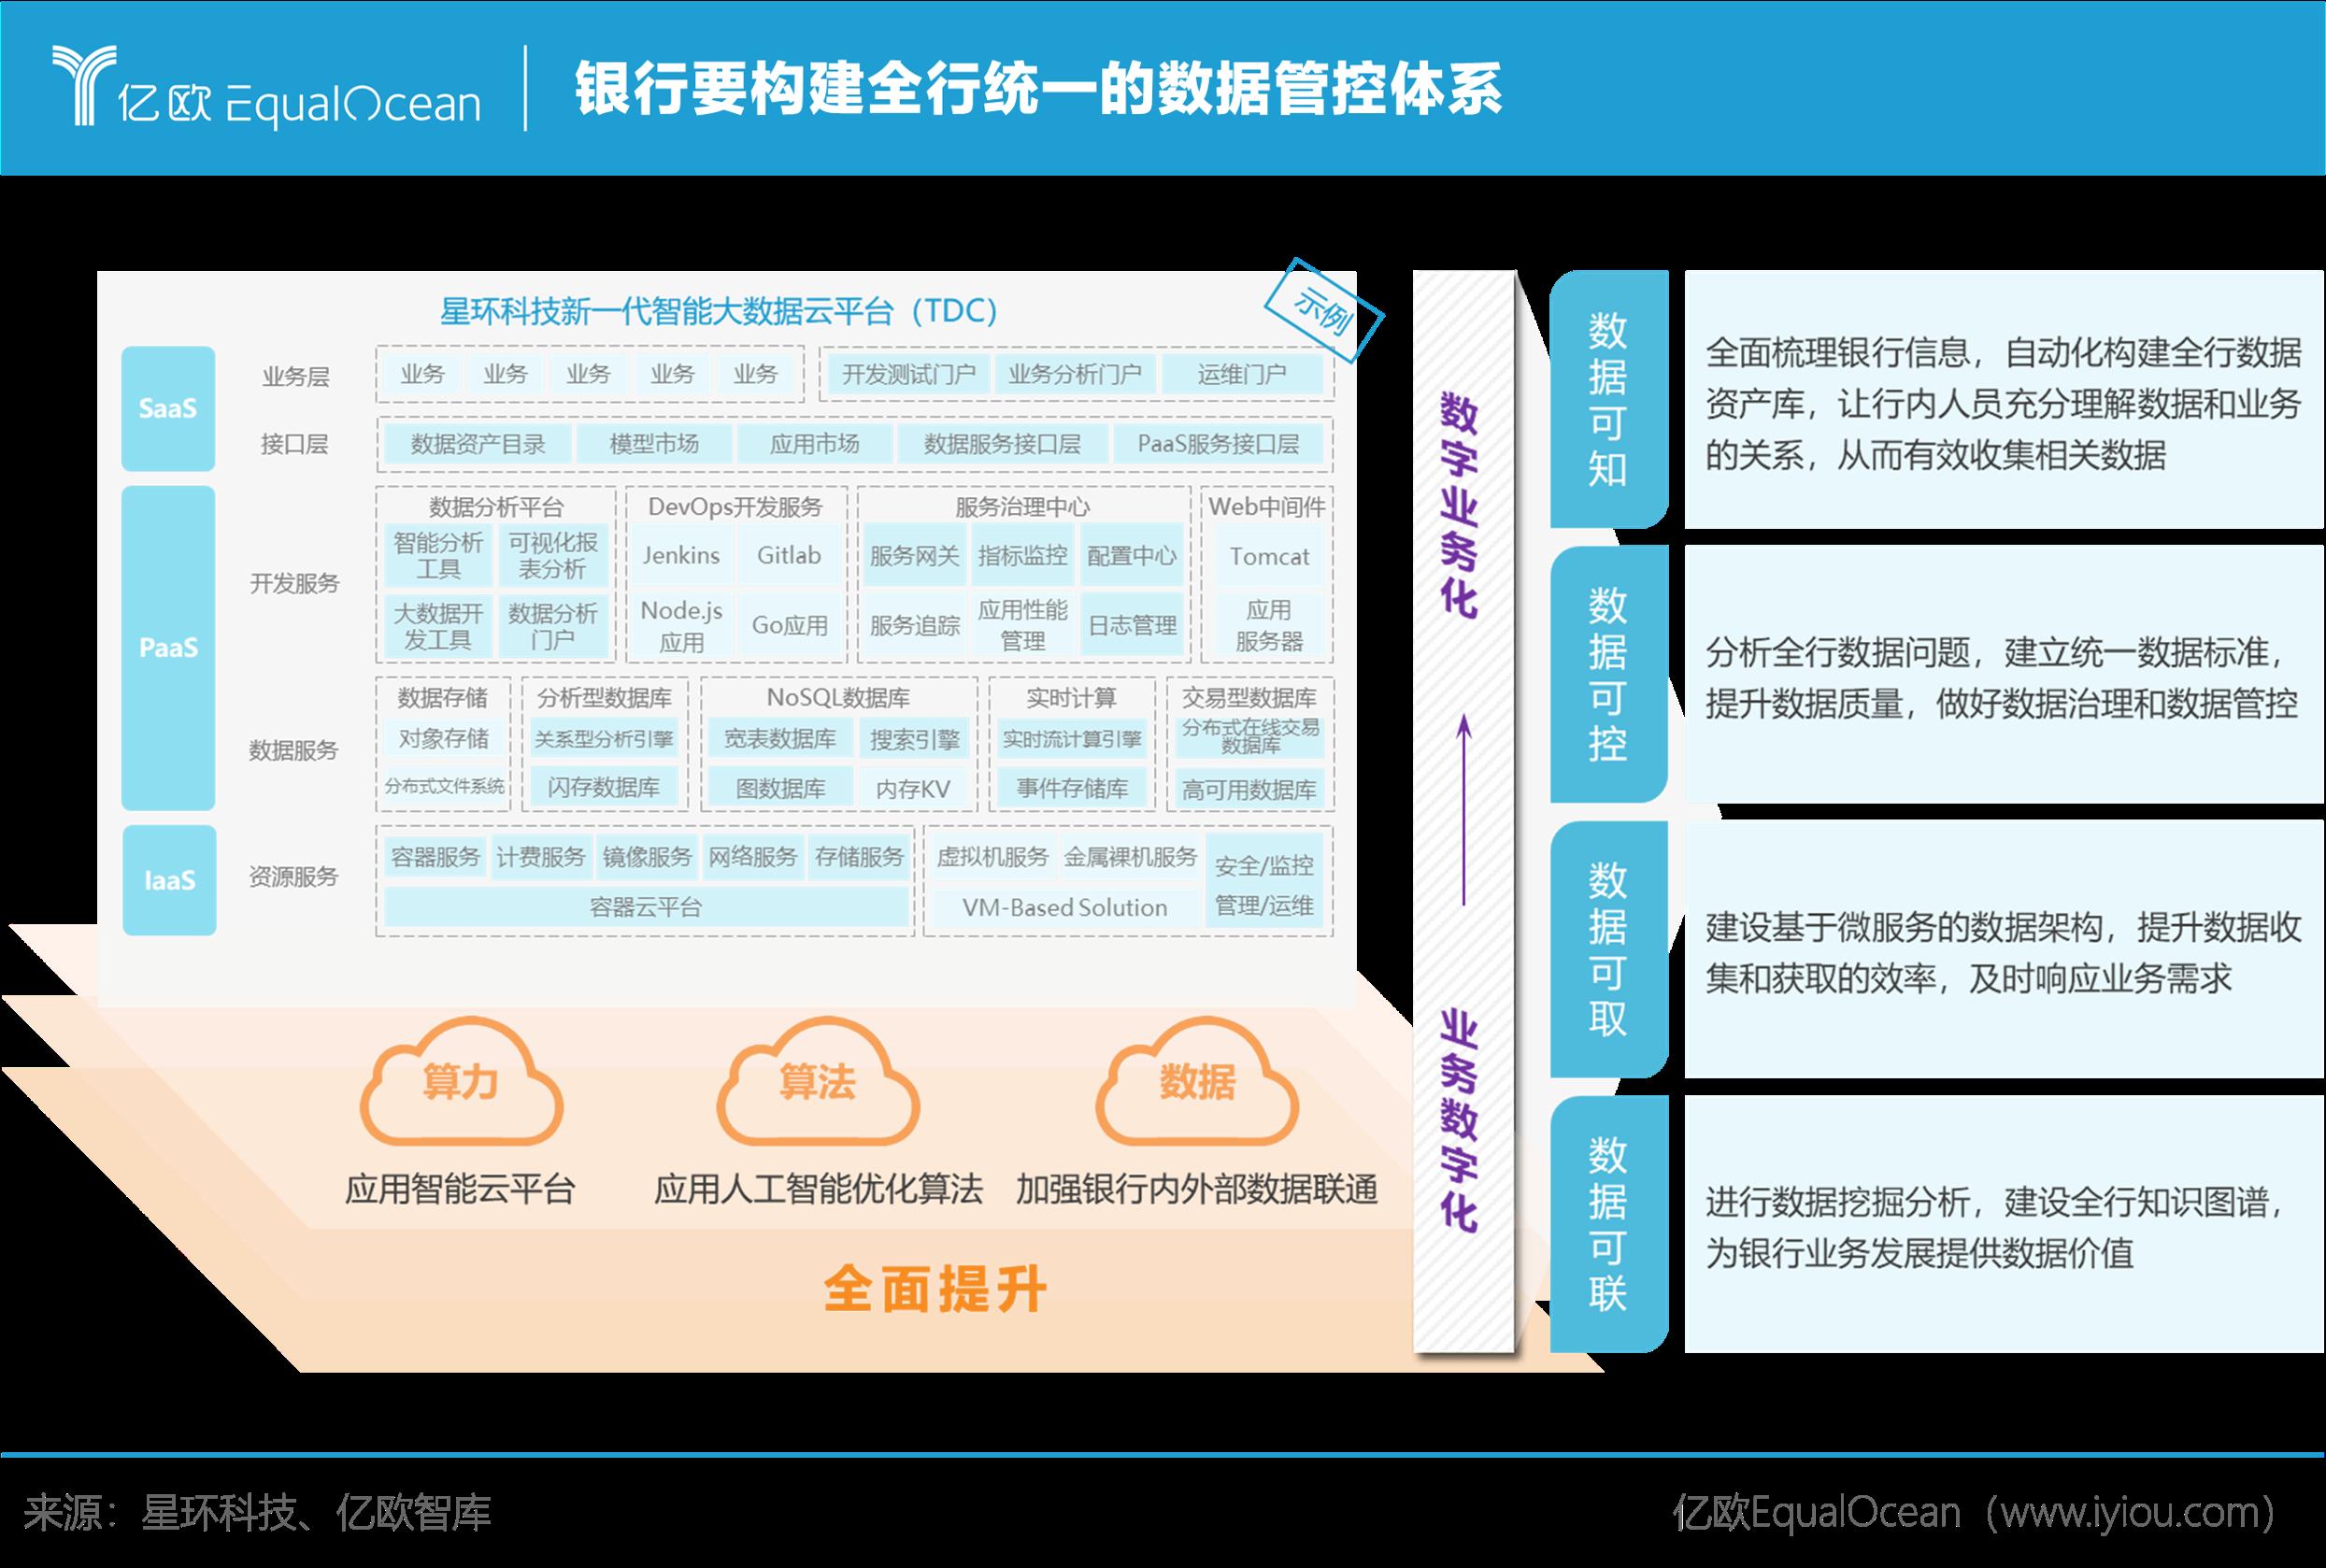 亿欧智库:银行要构建全行统一的数据管控体系